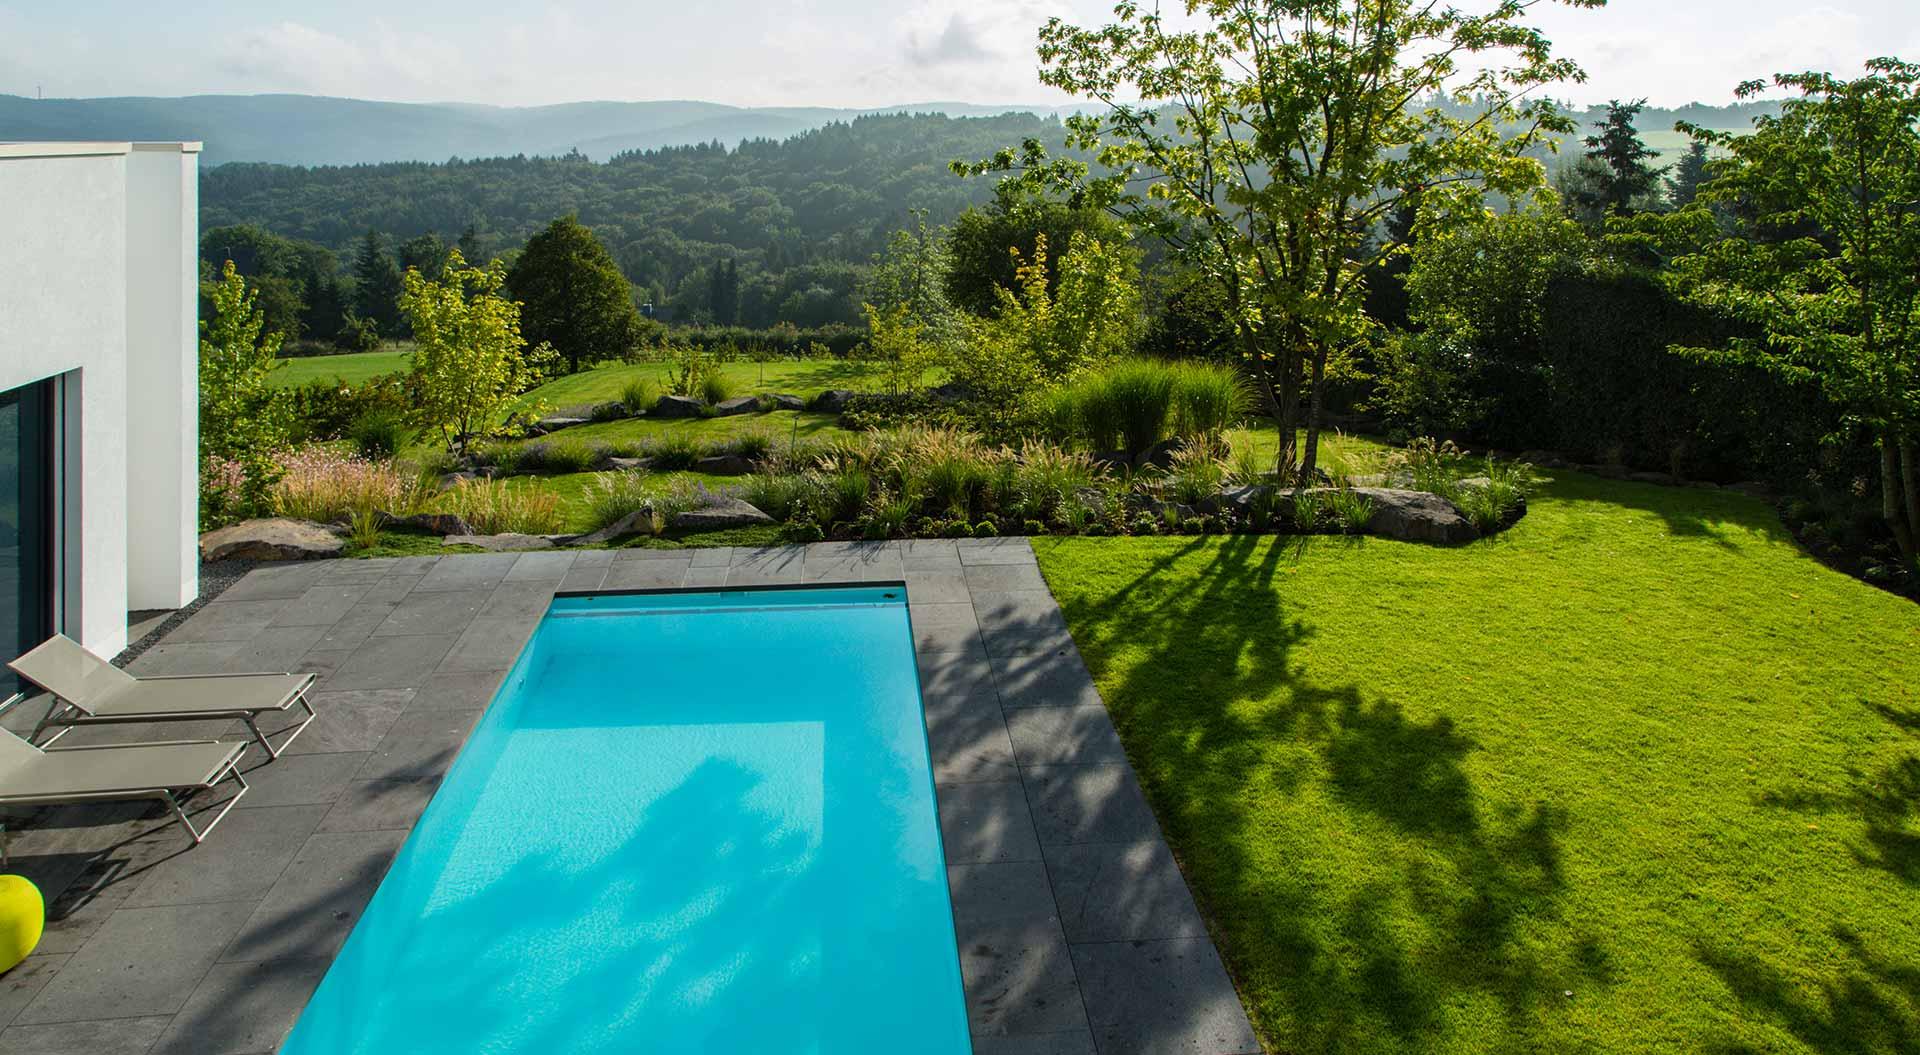 Garten mit moderner Terrasse und Pool sowie Blick ins Grüne